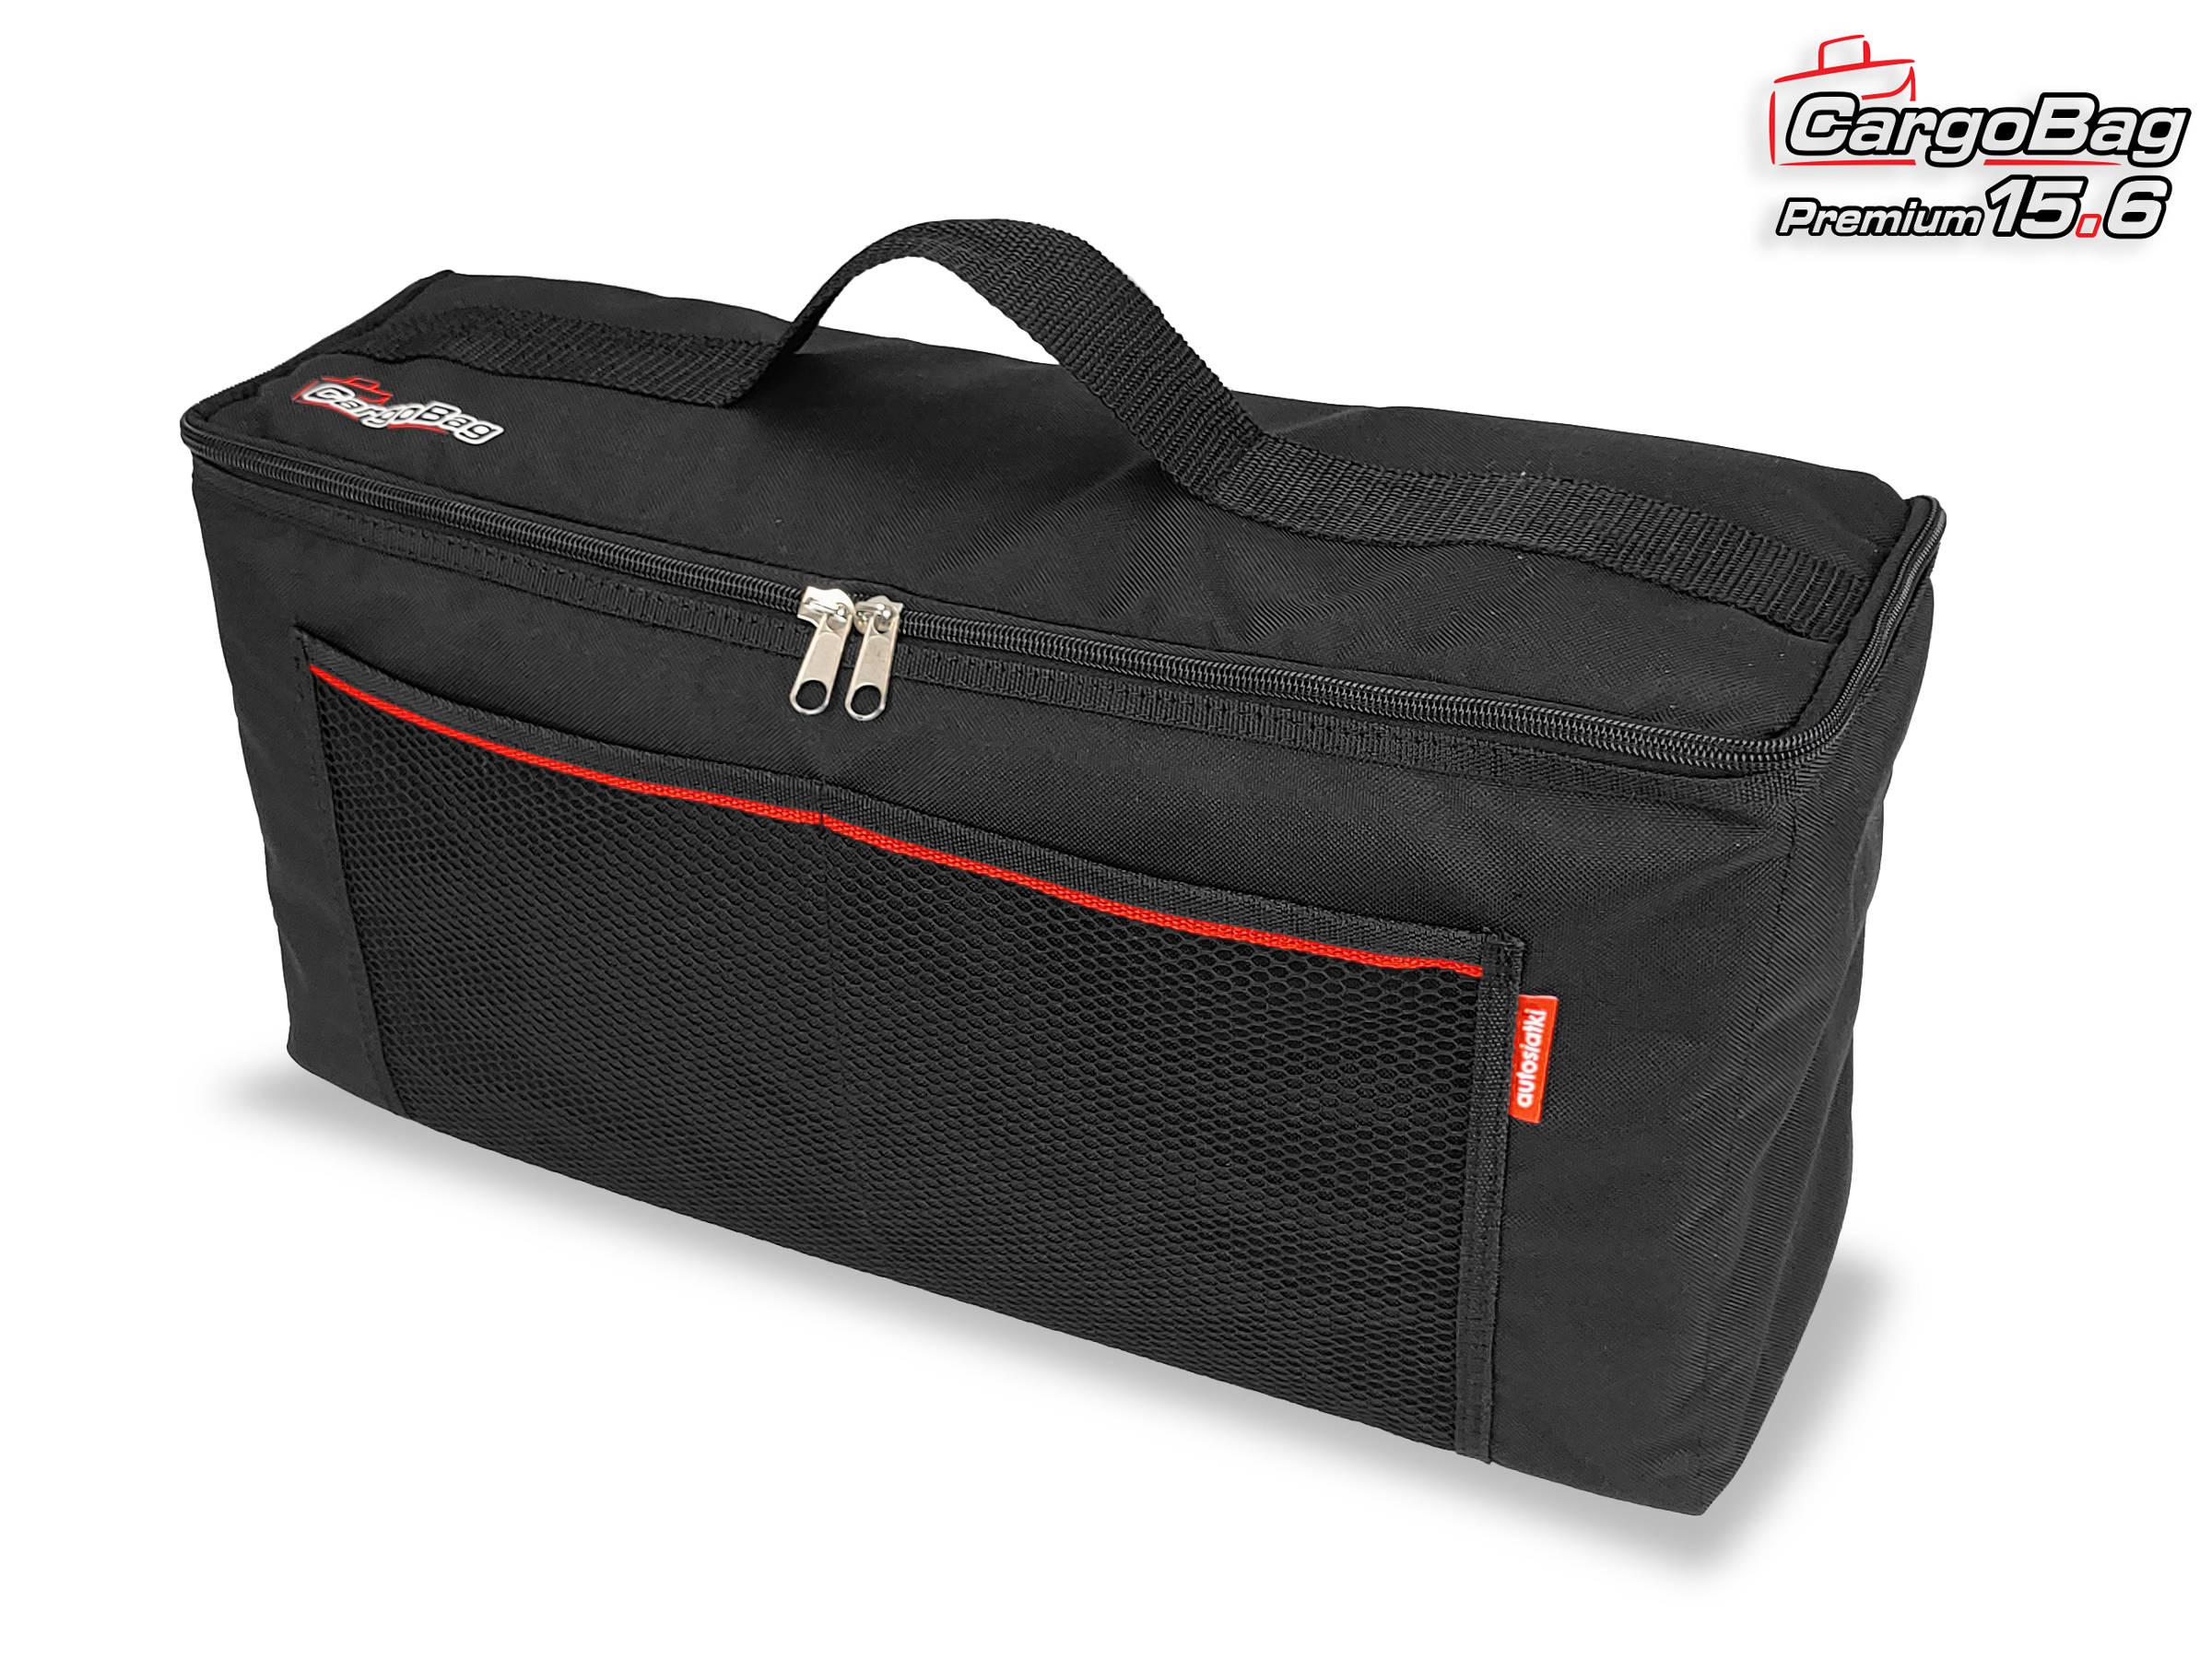 Organizer CargoBag 15.6